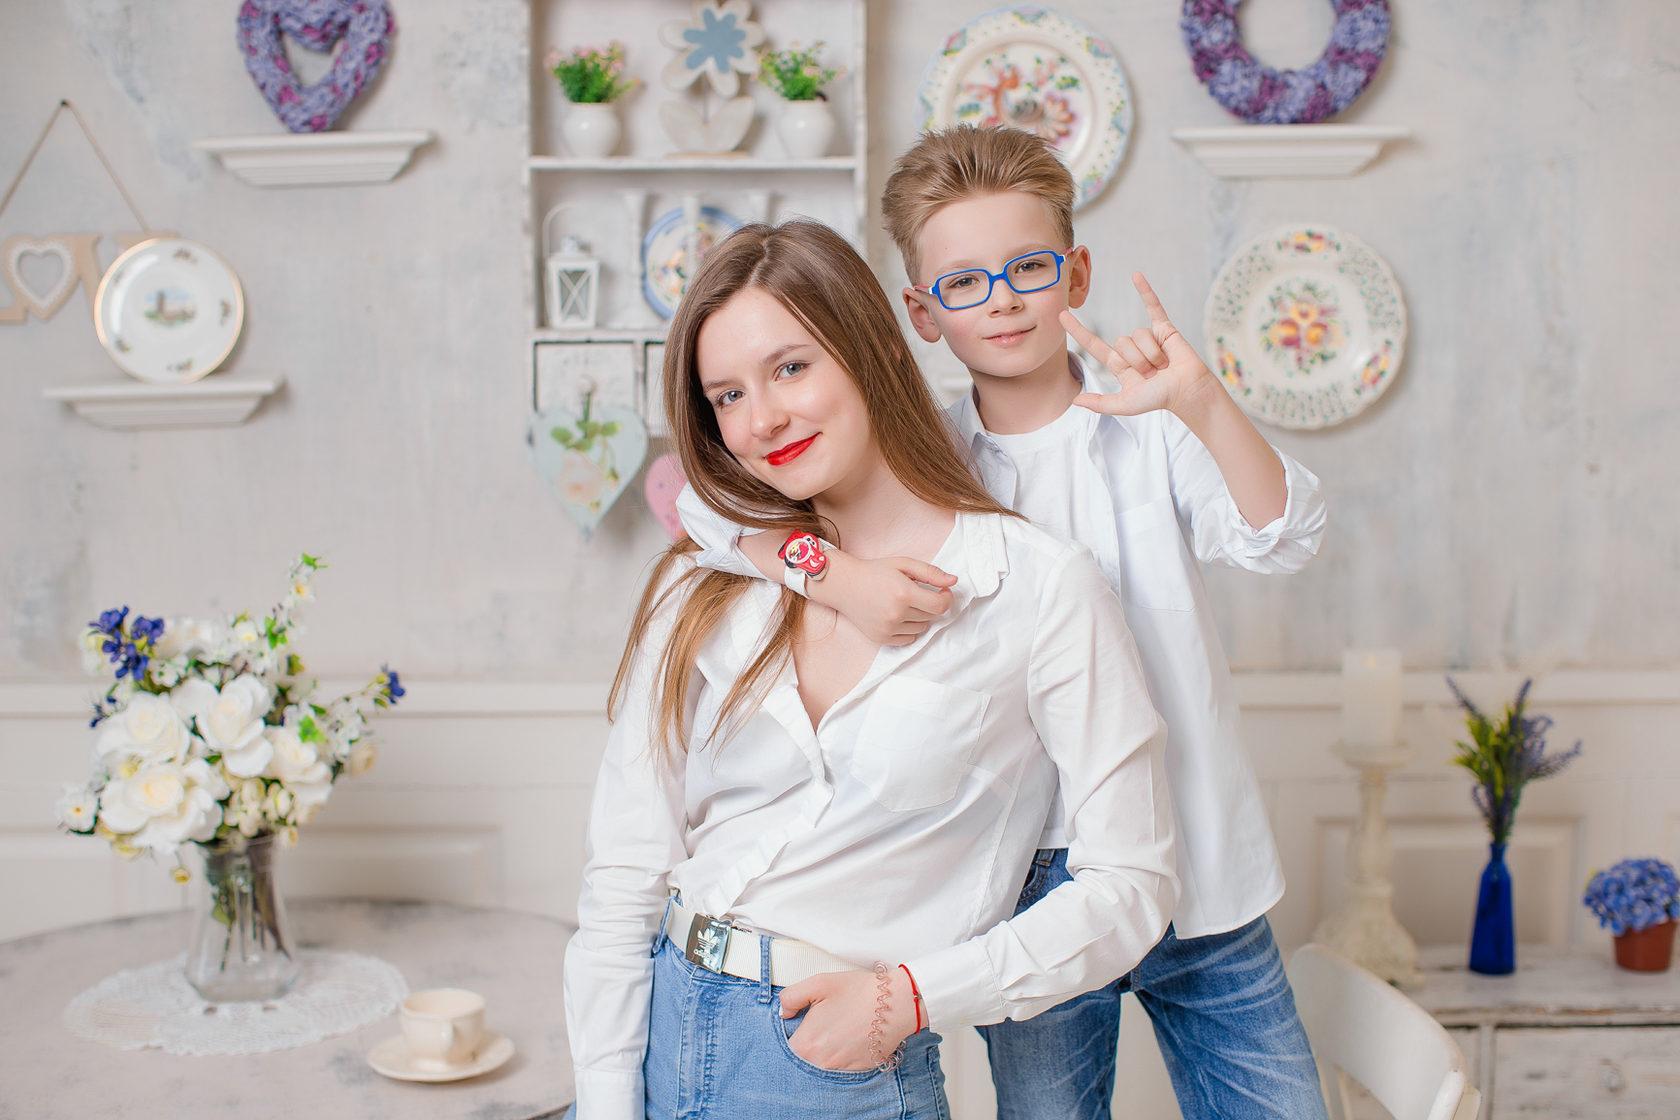 кройф фотосессия для семьи в студии москва недорого зайцев